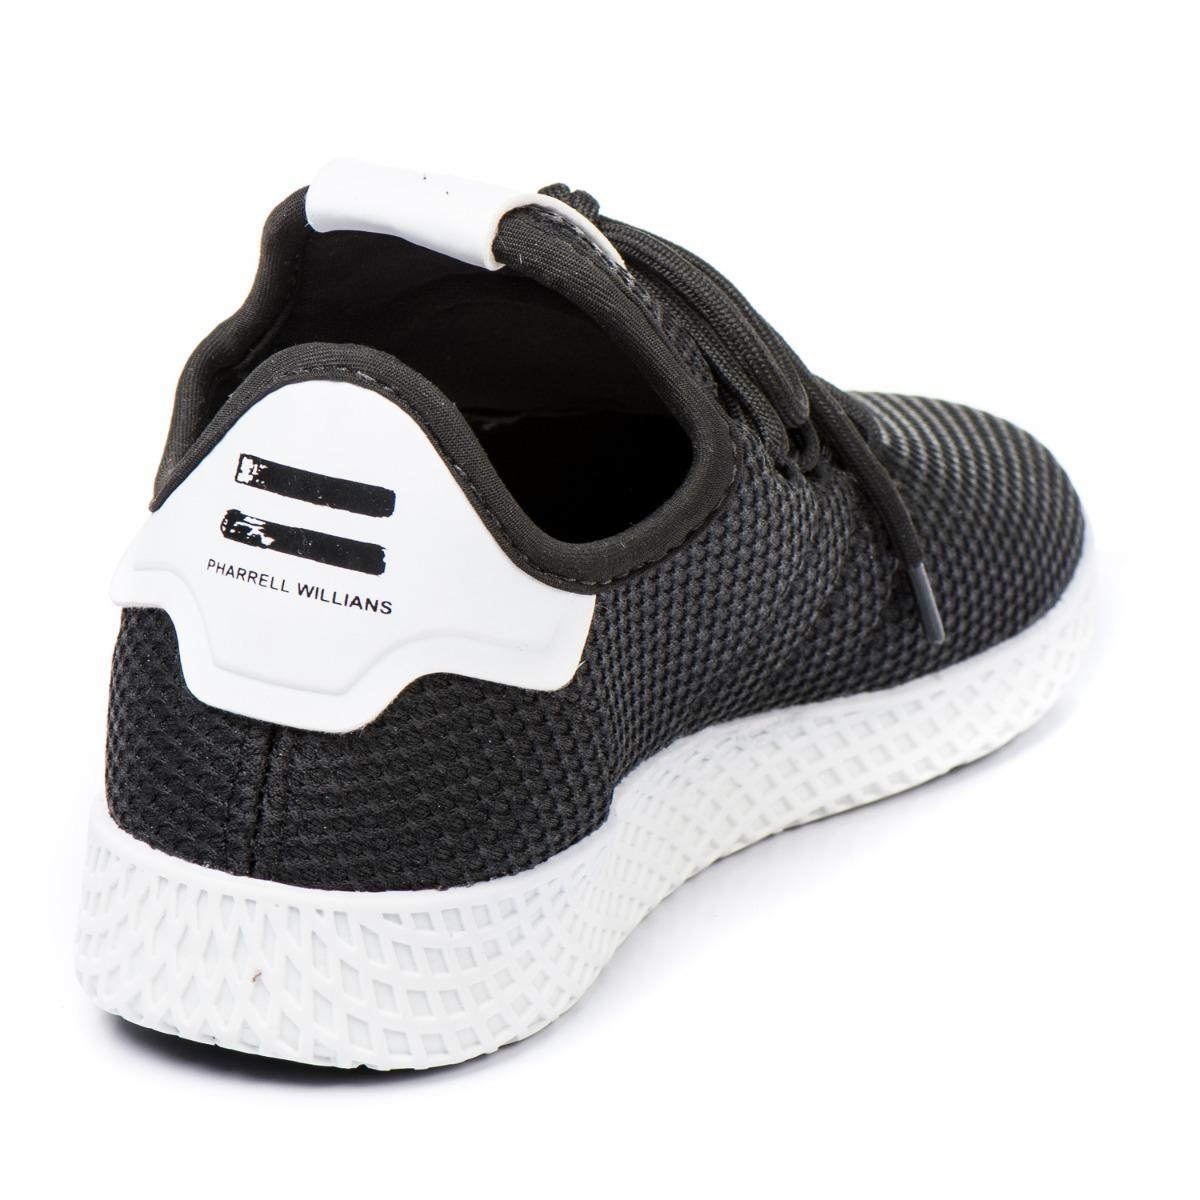 Carregando zoom... tênis adidas pharrel williams hu masculino feminino  original 3c024d5e2dfa1